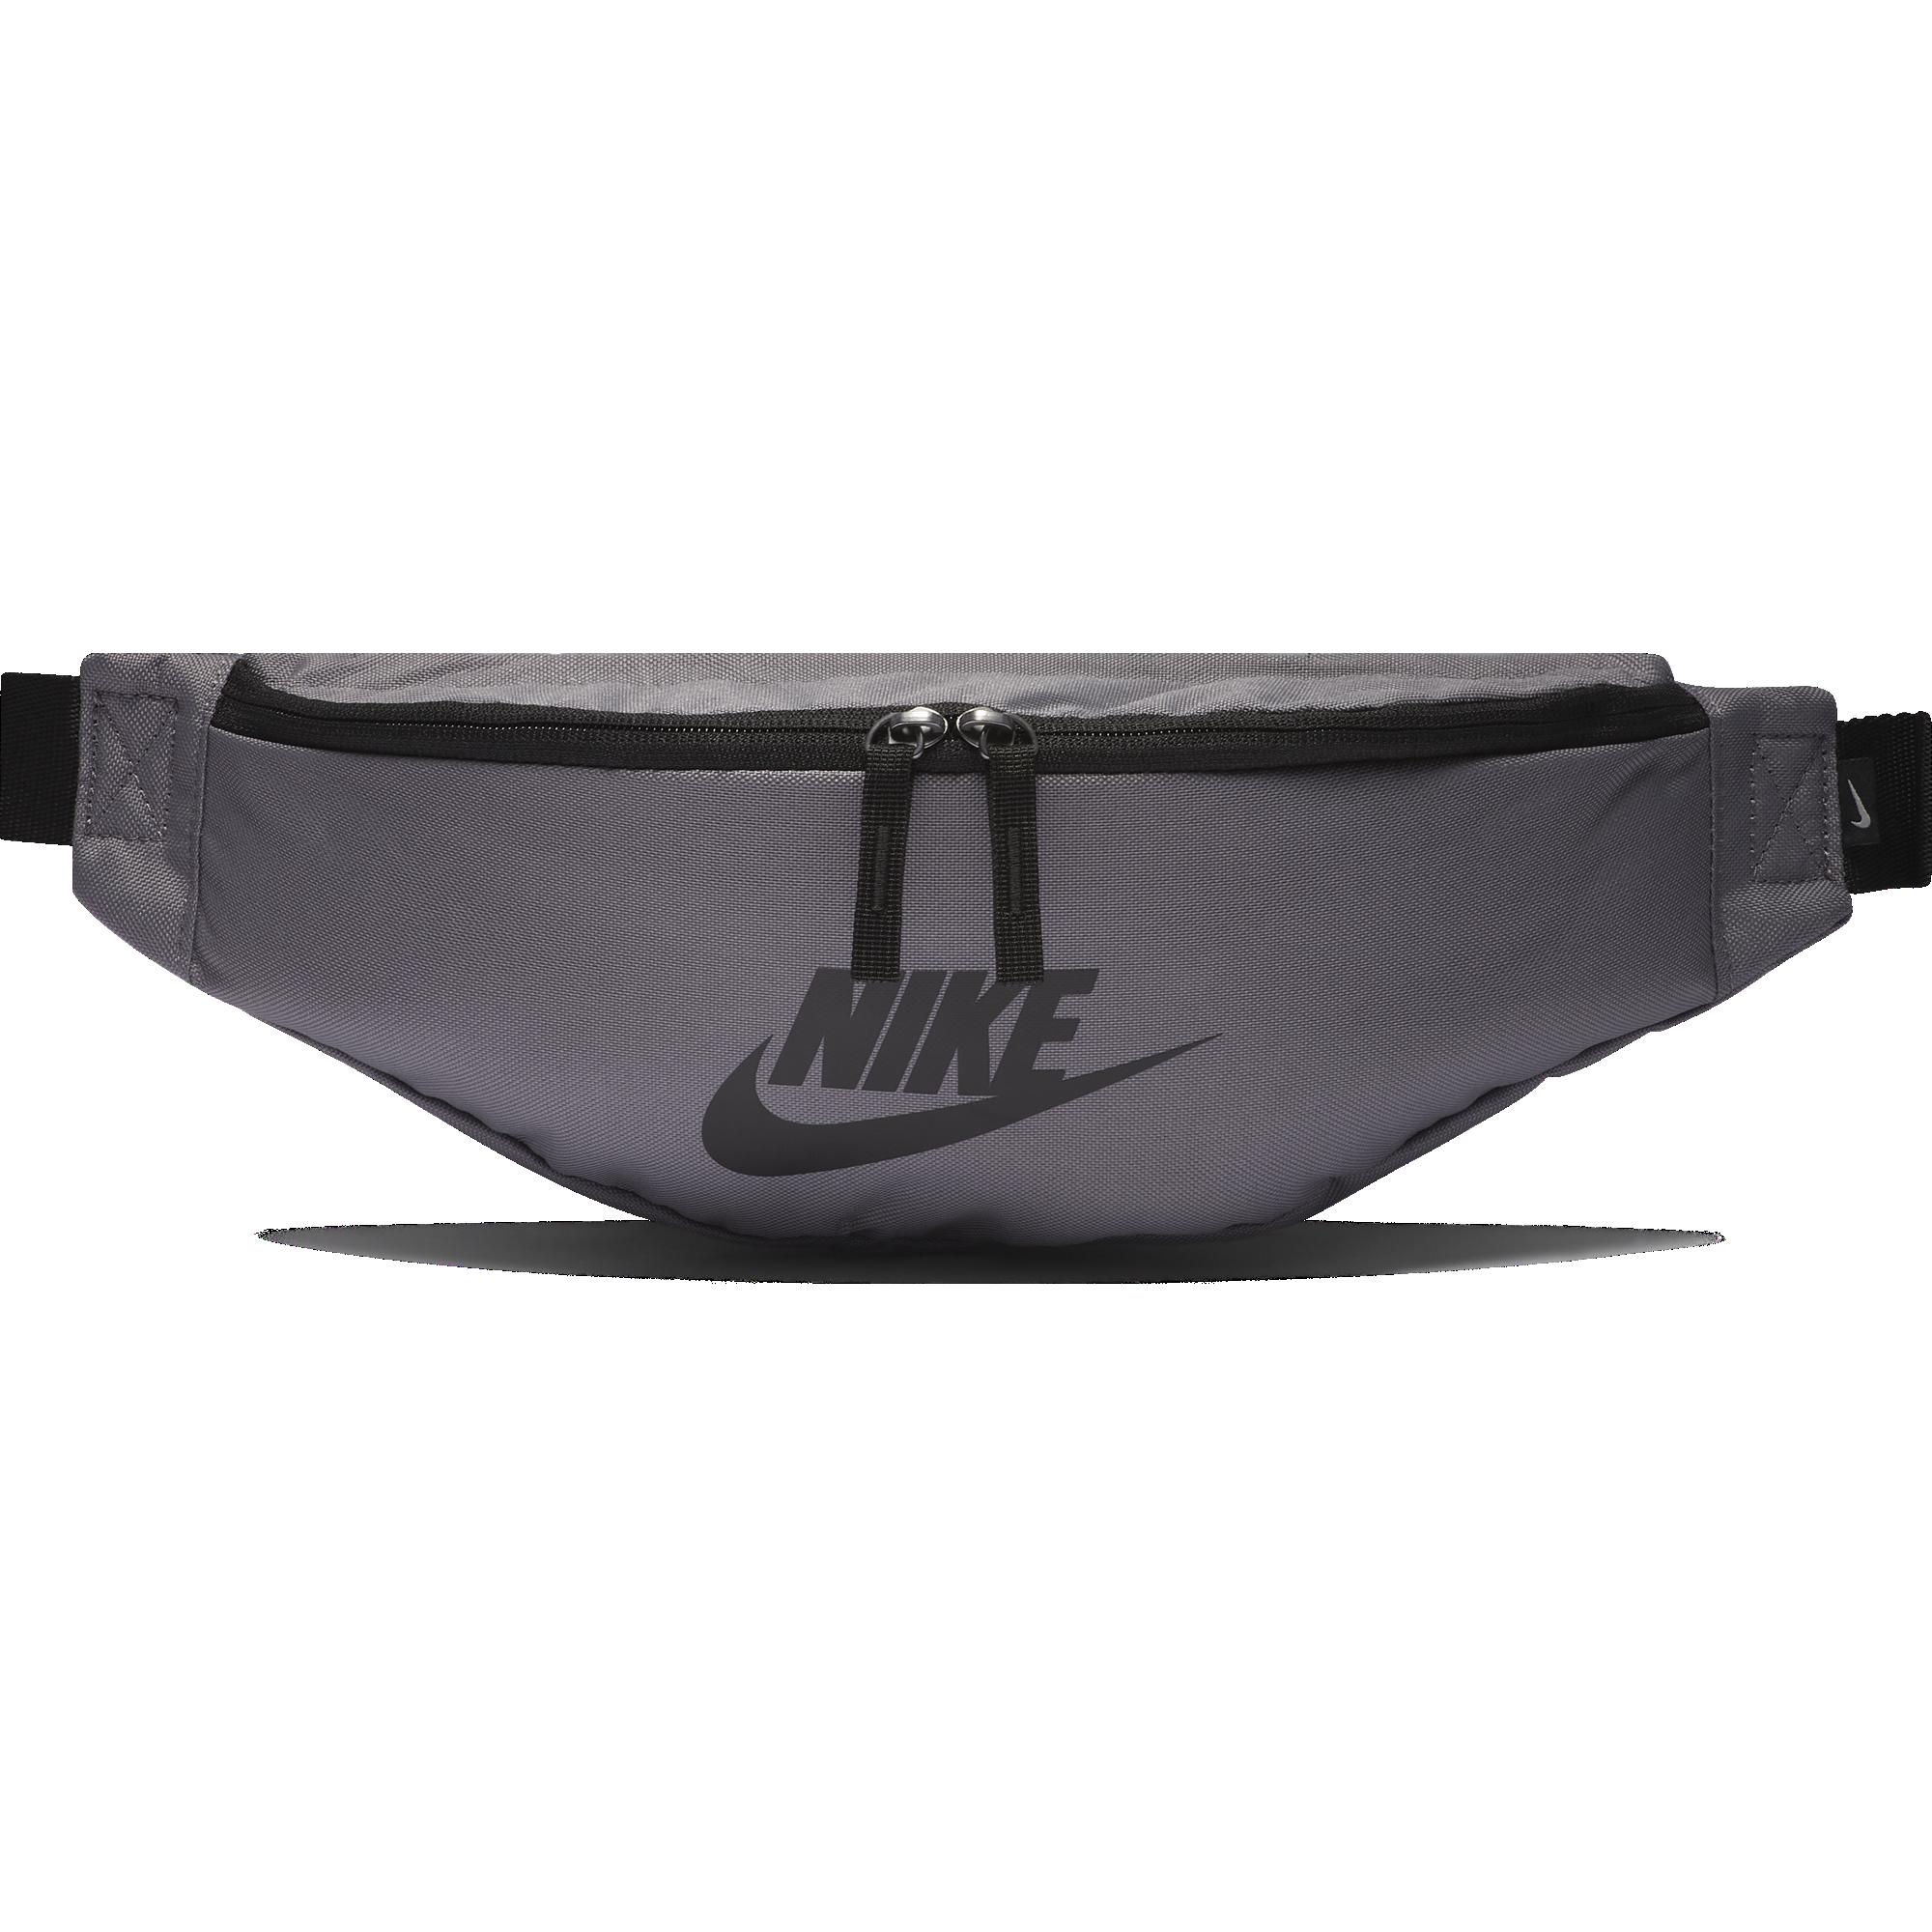 d68ee79e1335 Nike Heritage Hip Pack - Gunsmoke/Black | BA5750-036 - MODA3